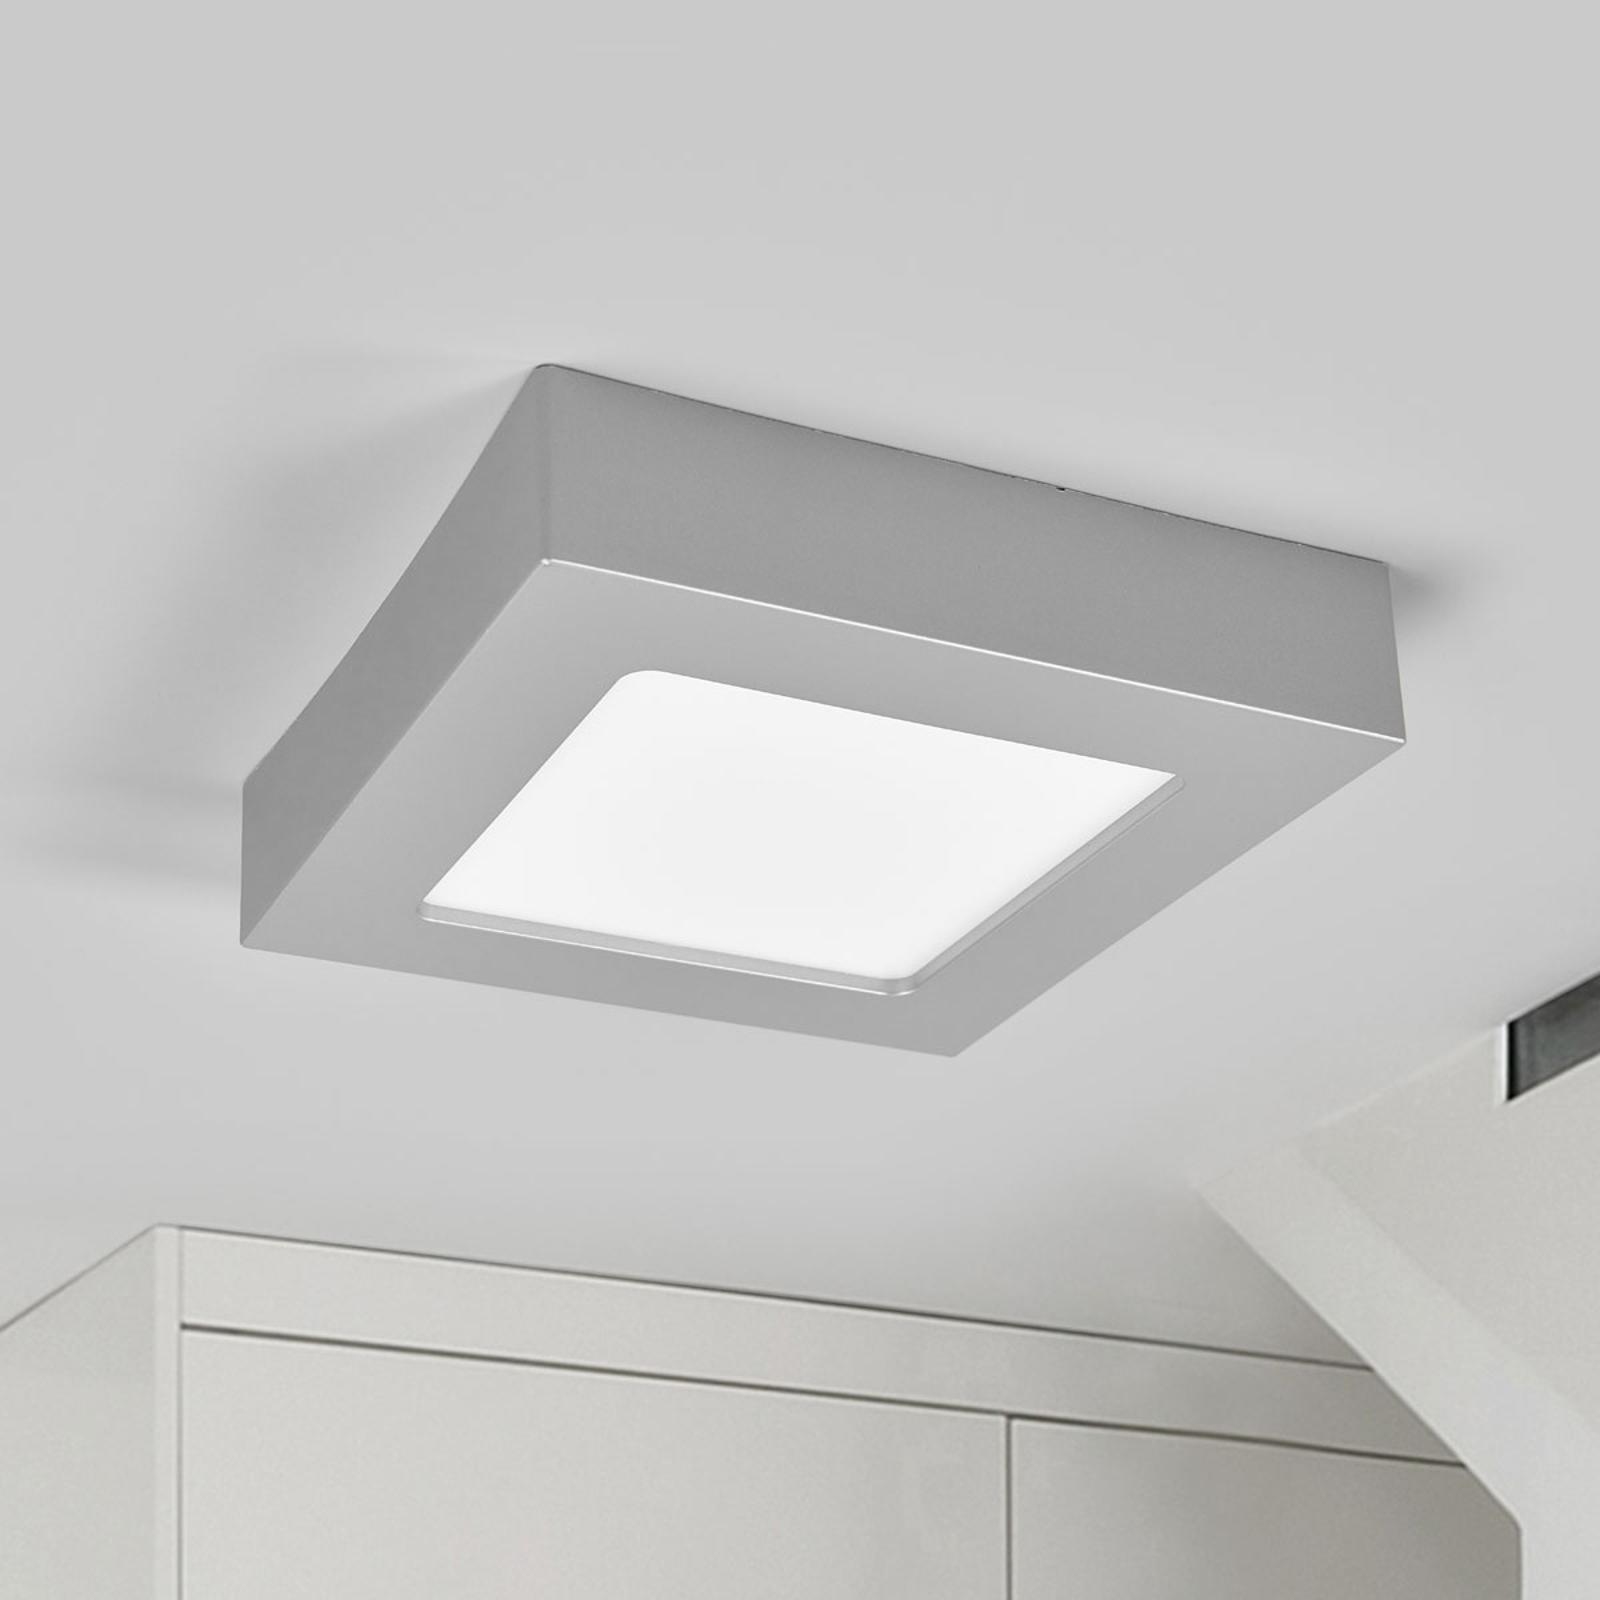 Plafonnier LED Marlo argenté 3000K angulaire 18 cm